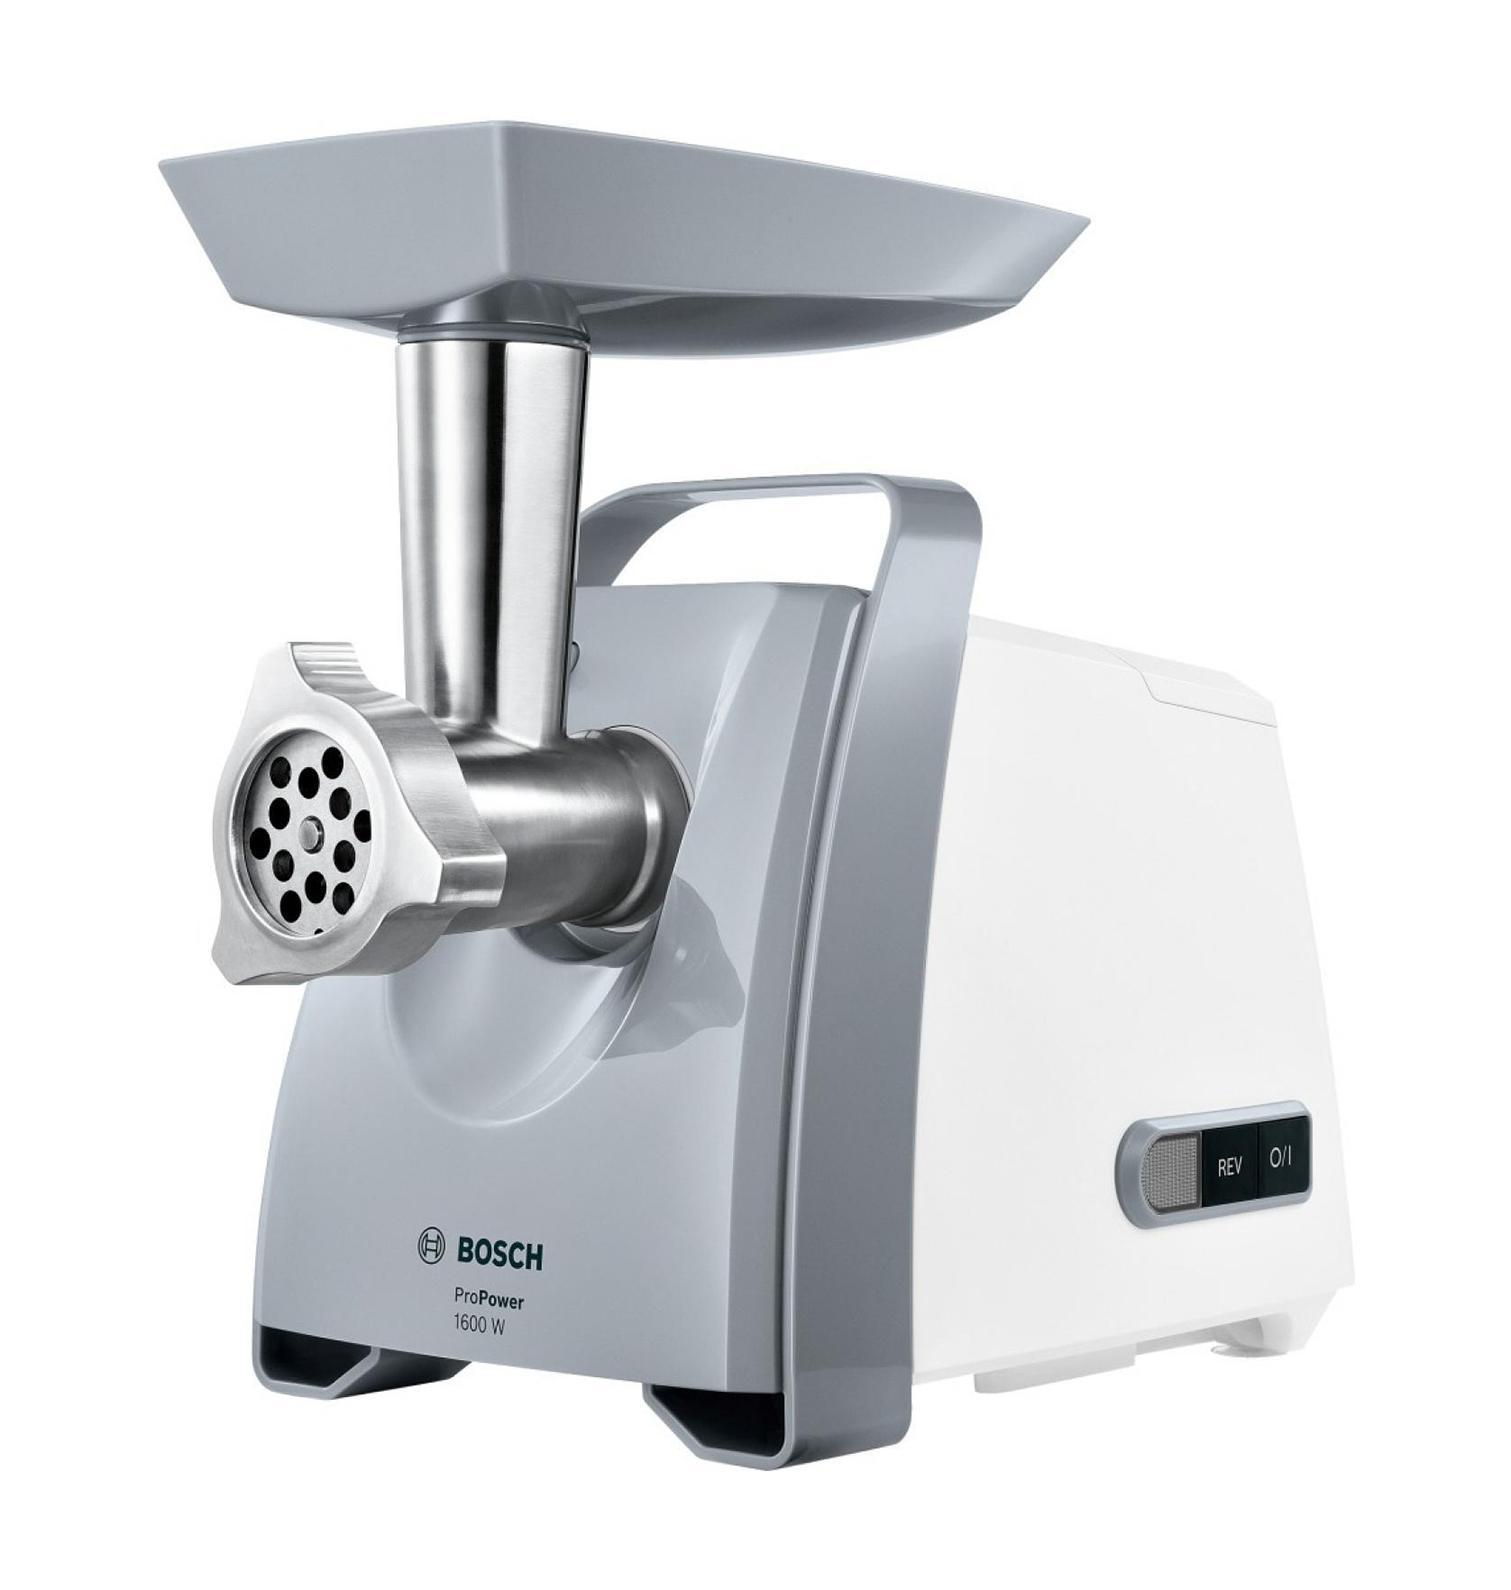 Bosch MFW45020 ProPower, White Silver мясорубкаMFW 45020С помощью мясорубки Bosch MFW45020 ProPower вы без труда приготовите фарш нужной консистенции, домашнюю колбасу или кеббе. Функция реверс поможет справиться с застрявшими продуктами, не разбирая прибор. Пластиковый лоток для удобной подачи продуктов. Для хранения формовочных дисков предусмотрен специальный отсек на корпусе устройства, а насадки для приготовления колбас и кеббе можно хранить прямо в толкателе. Мясорубка имеет удобную ручку для переноски. Вакуумные присоски на основании прибора предотвратят его соскальзывание с рабочей поверхности.